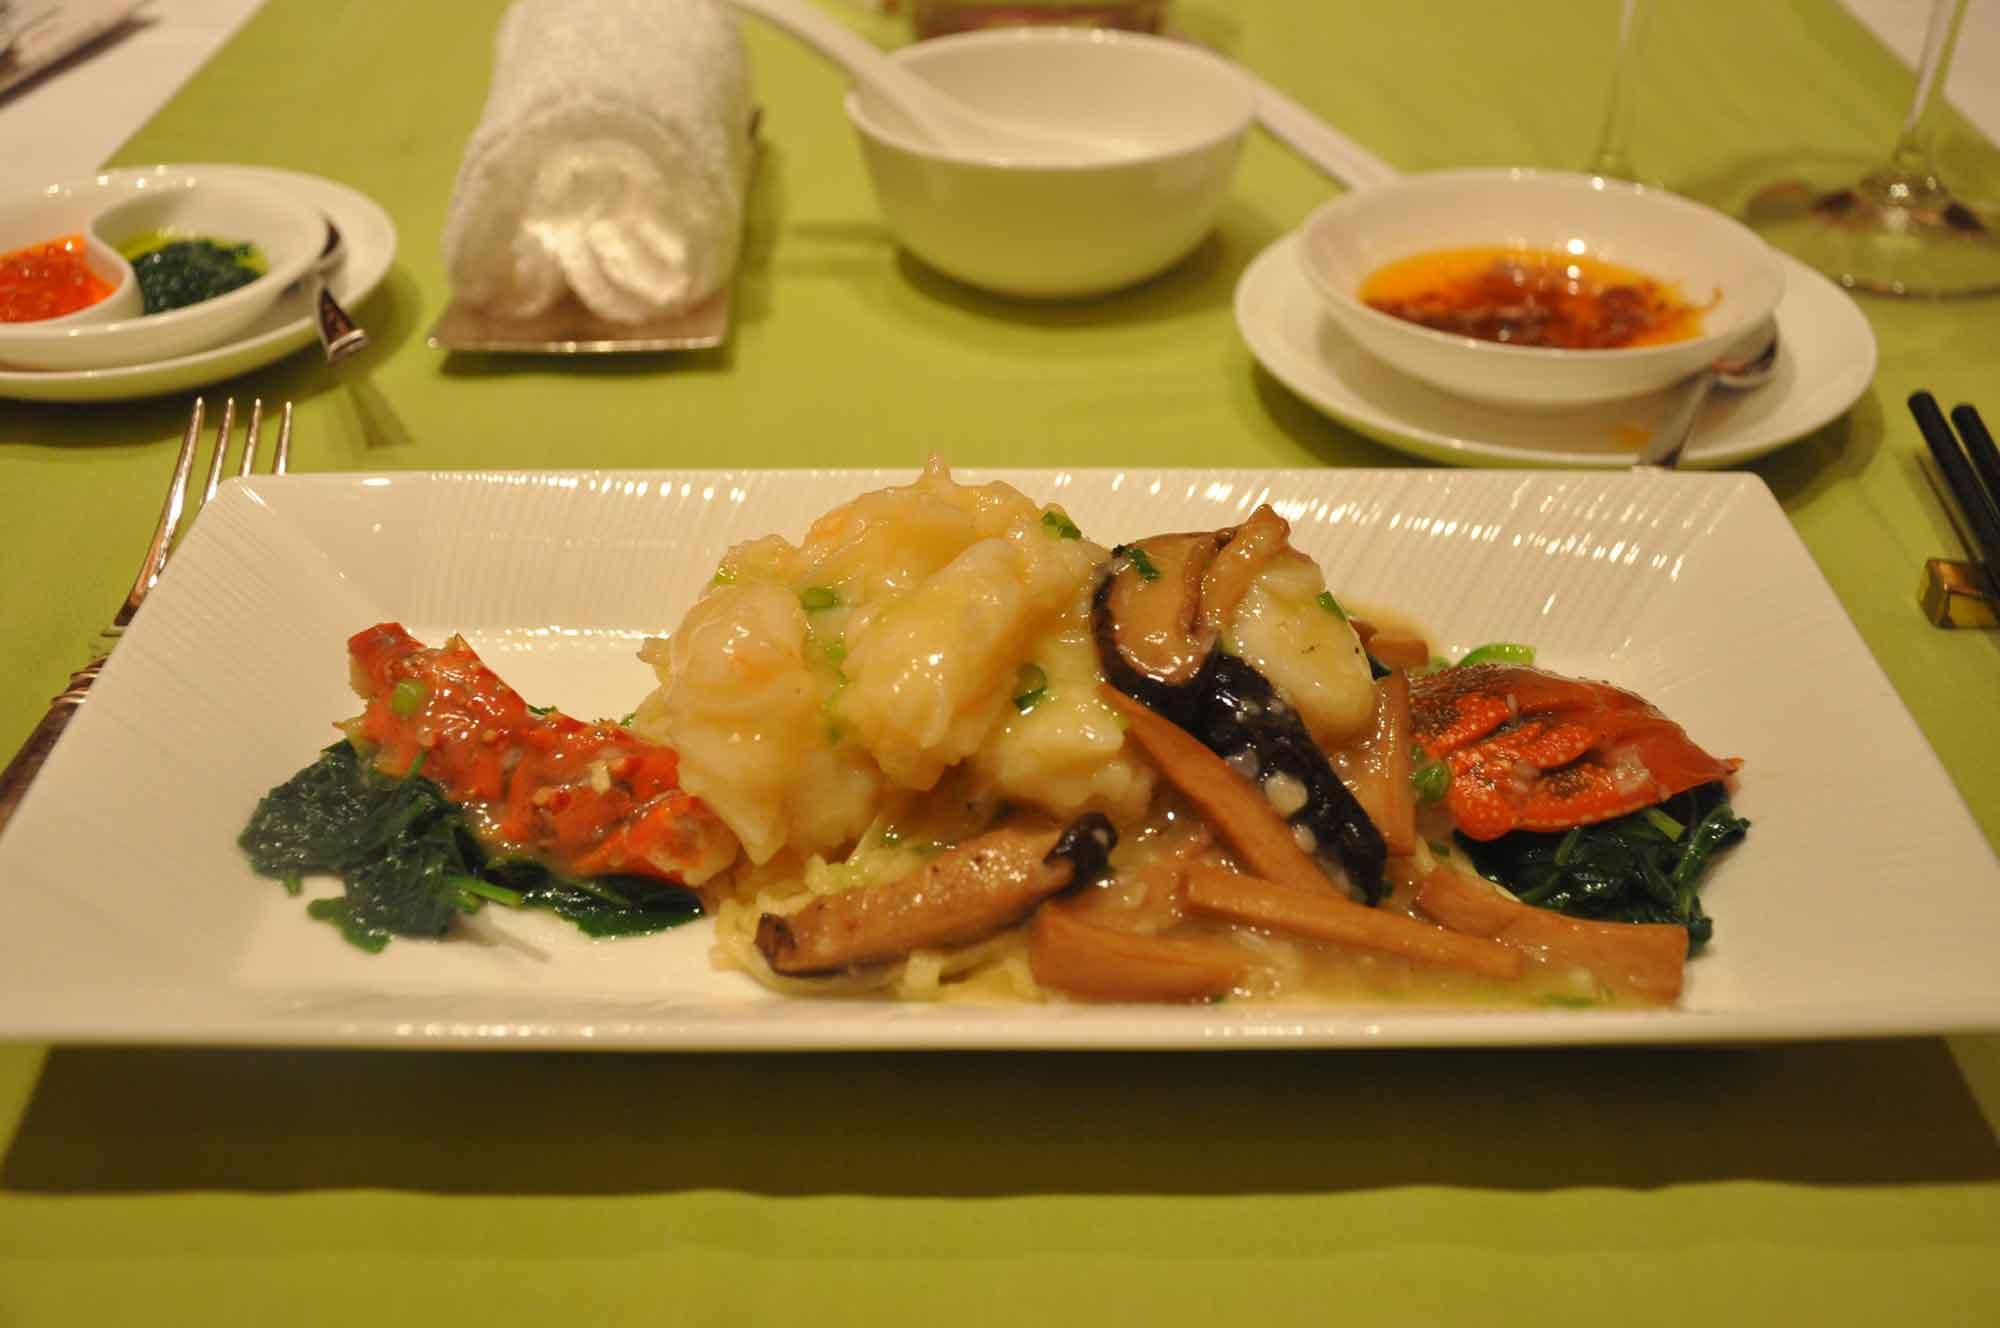 Wynn Lei baked lobster